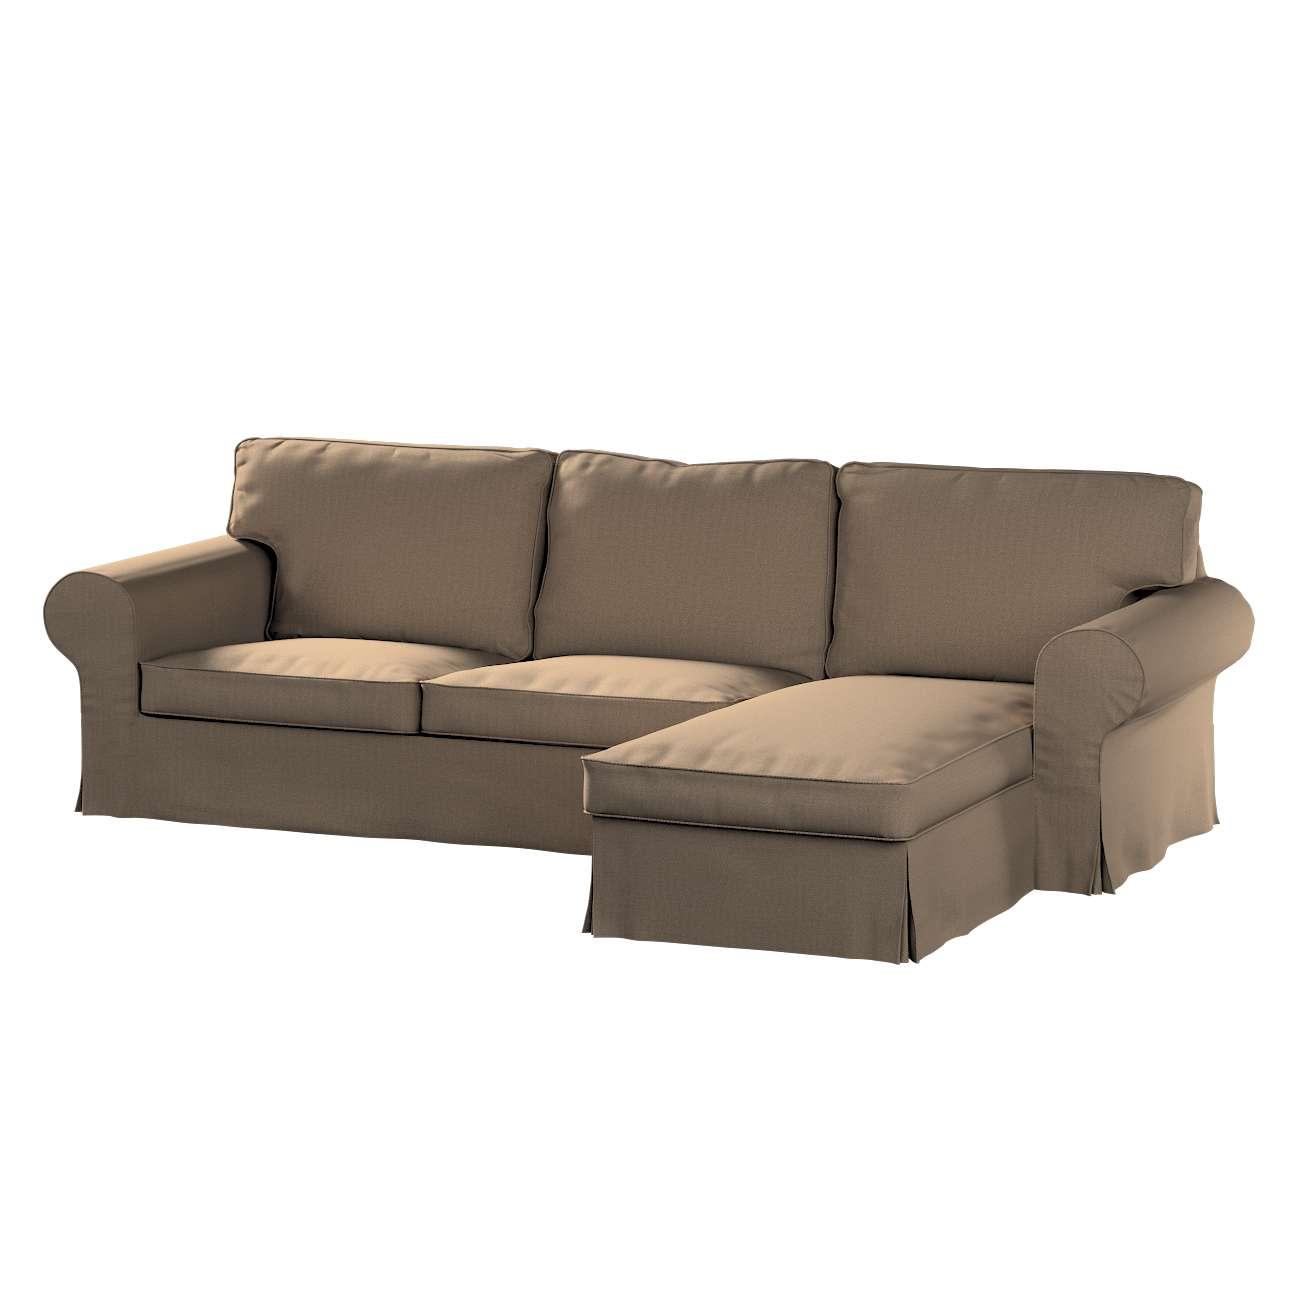 Pokrowiec na sofę Ektorp 2-osobową i leżankę w kolekcji Bergen, tkanina: 161-85